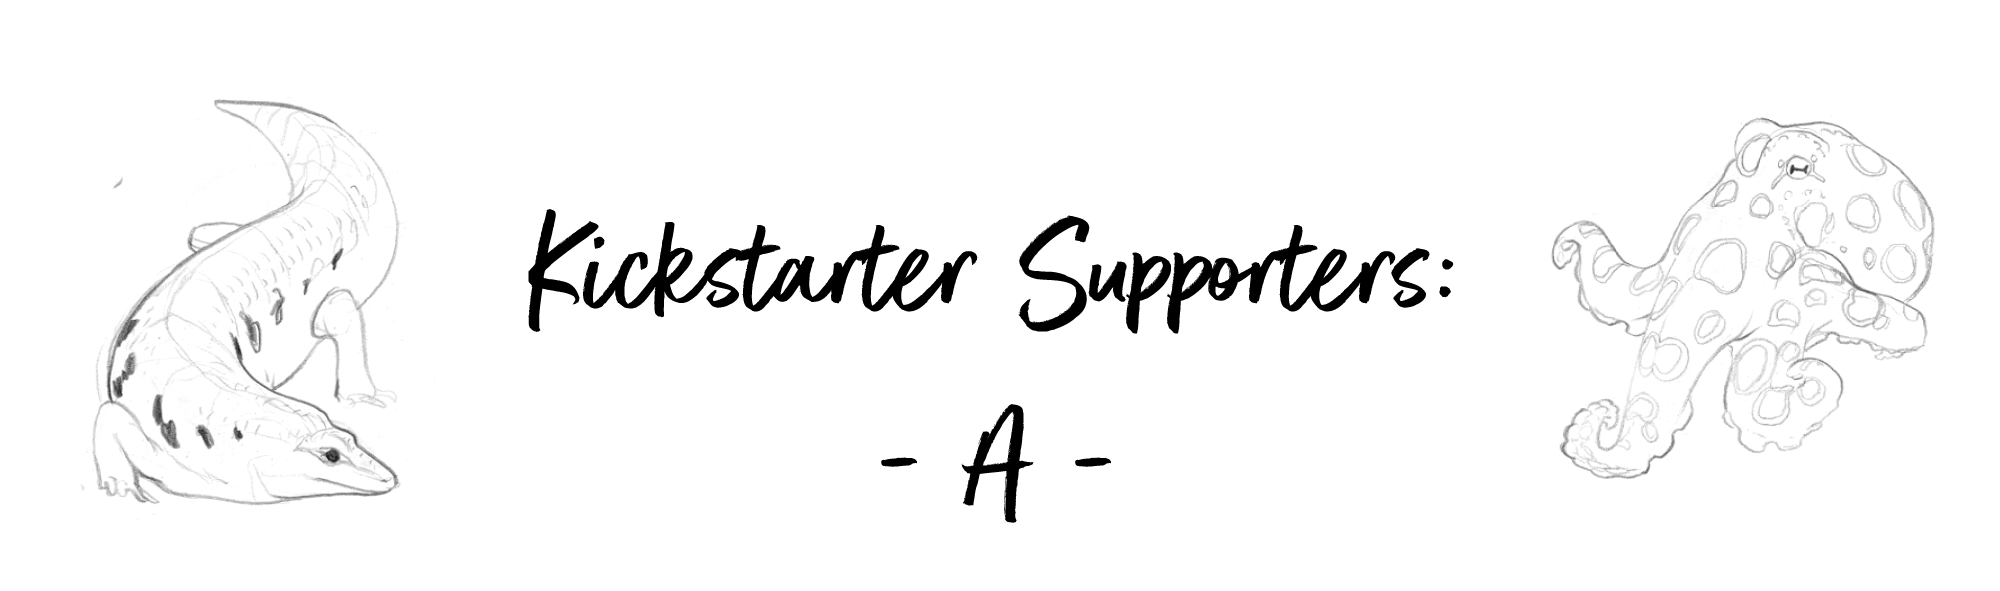 https://api.treecer.com/storage/80/KS-Supporters_EN.png